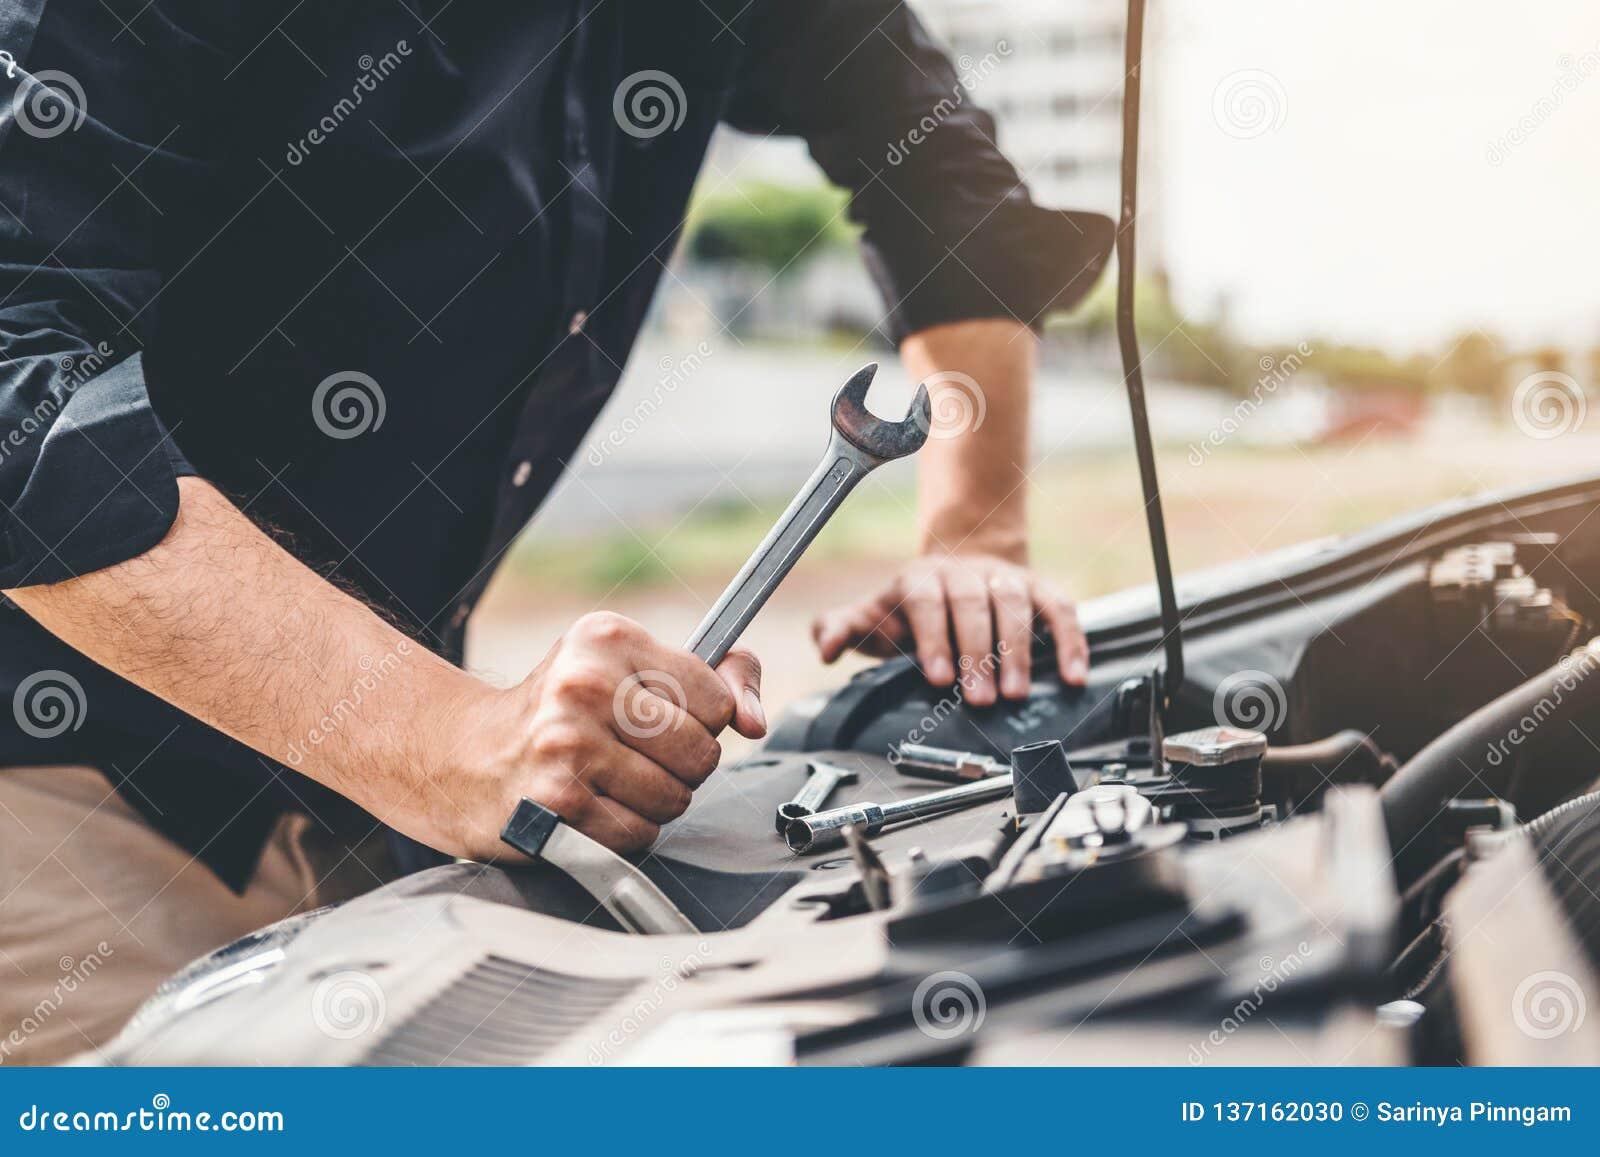 Meccanico che lavora nel tecnico Hands del garage del meccanico di automobile che lavora in controllo di automobile di servizio e